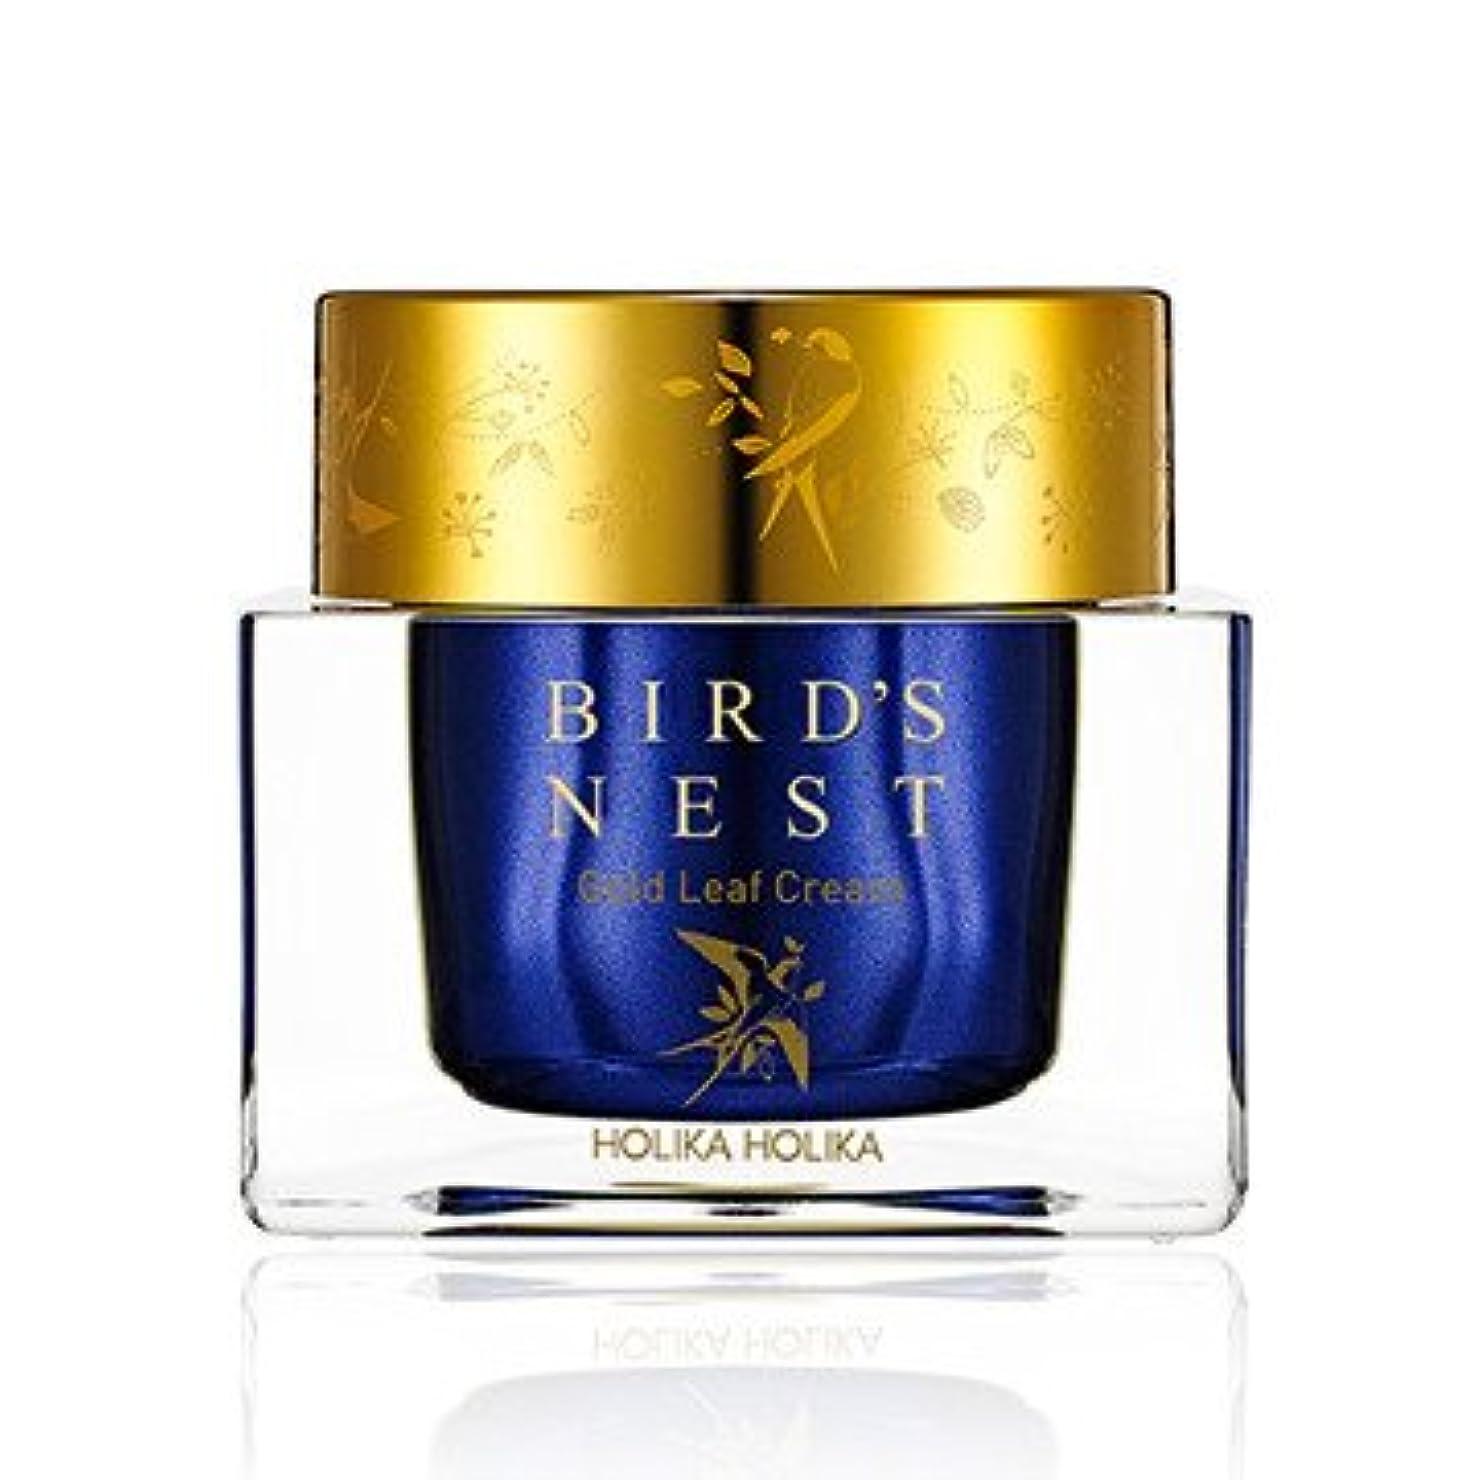 舌な電極折[2018 NEW] ホリカホリカ プライムユース バーズネスト ゴールドリーフ クリーム/Holika Holika Prime Youth Birds Nest Gold Leaf Cream 55ml [並行輸入品]